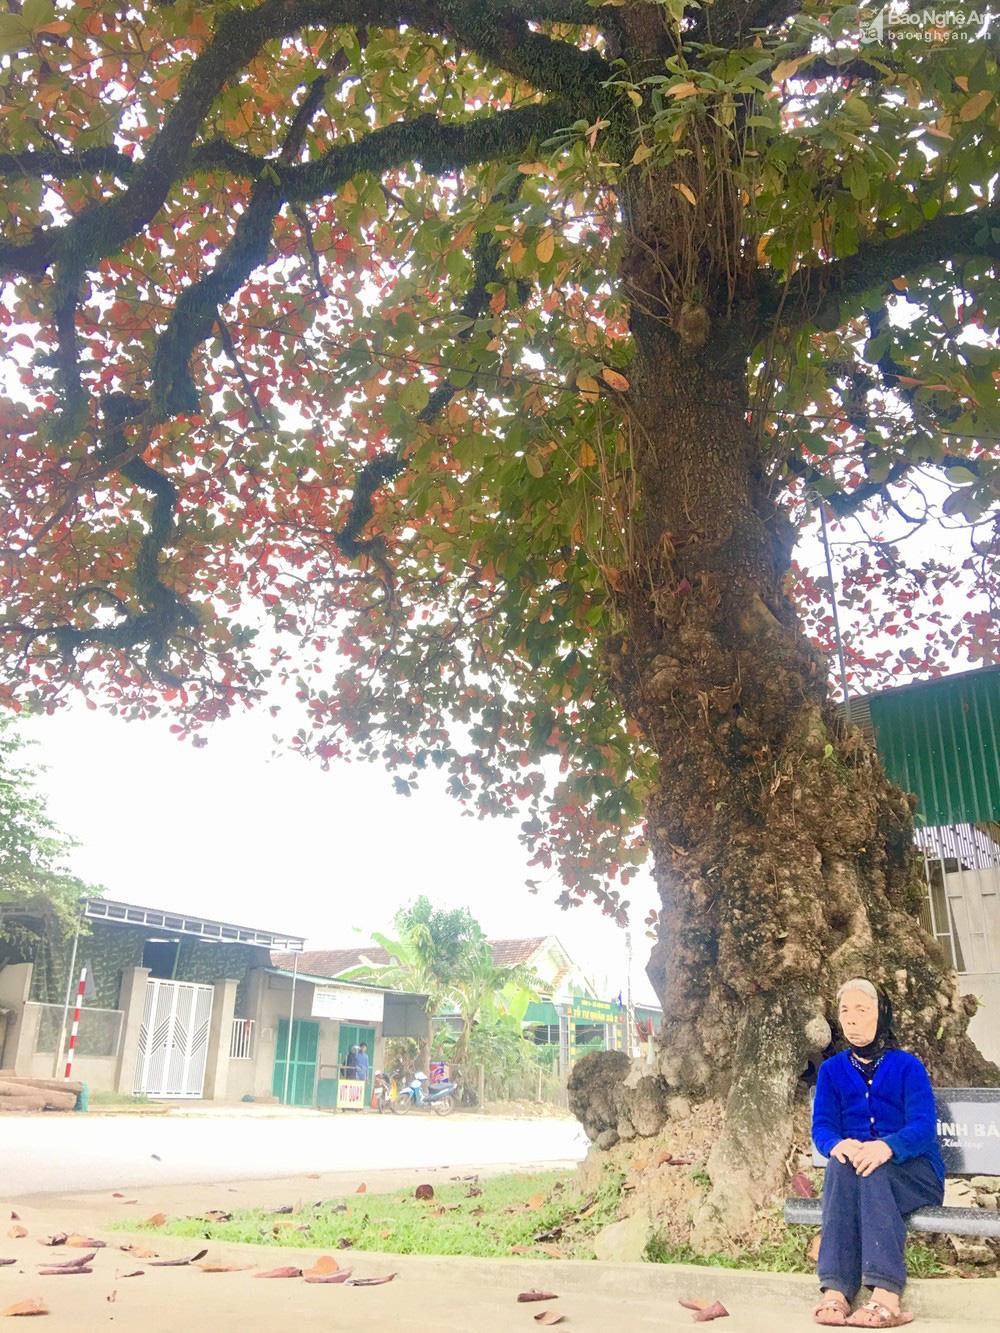 """""""Cụ"""" cây bàng cổ gần 250 tuổi ở Nghệ An, xòe tán rộng 15m chuyển lá màu đỏ, quyến rũ đến lạ kỳ - Ảnh 6."""